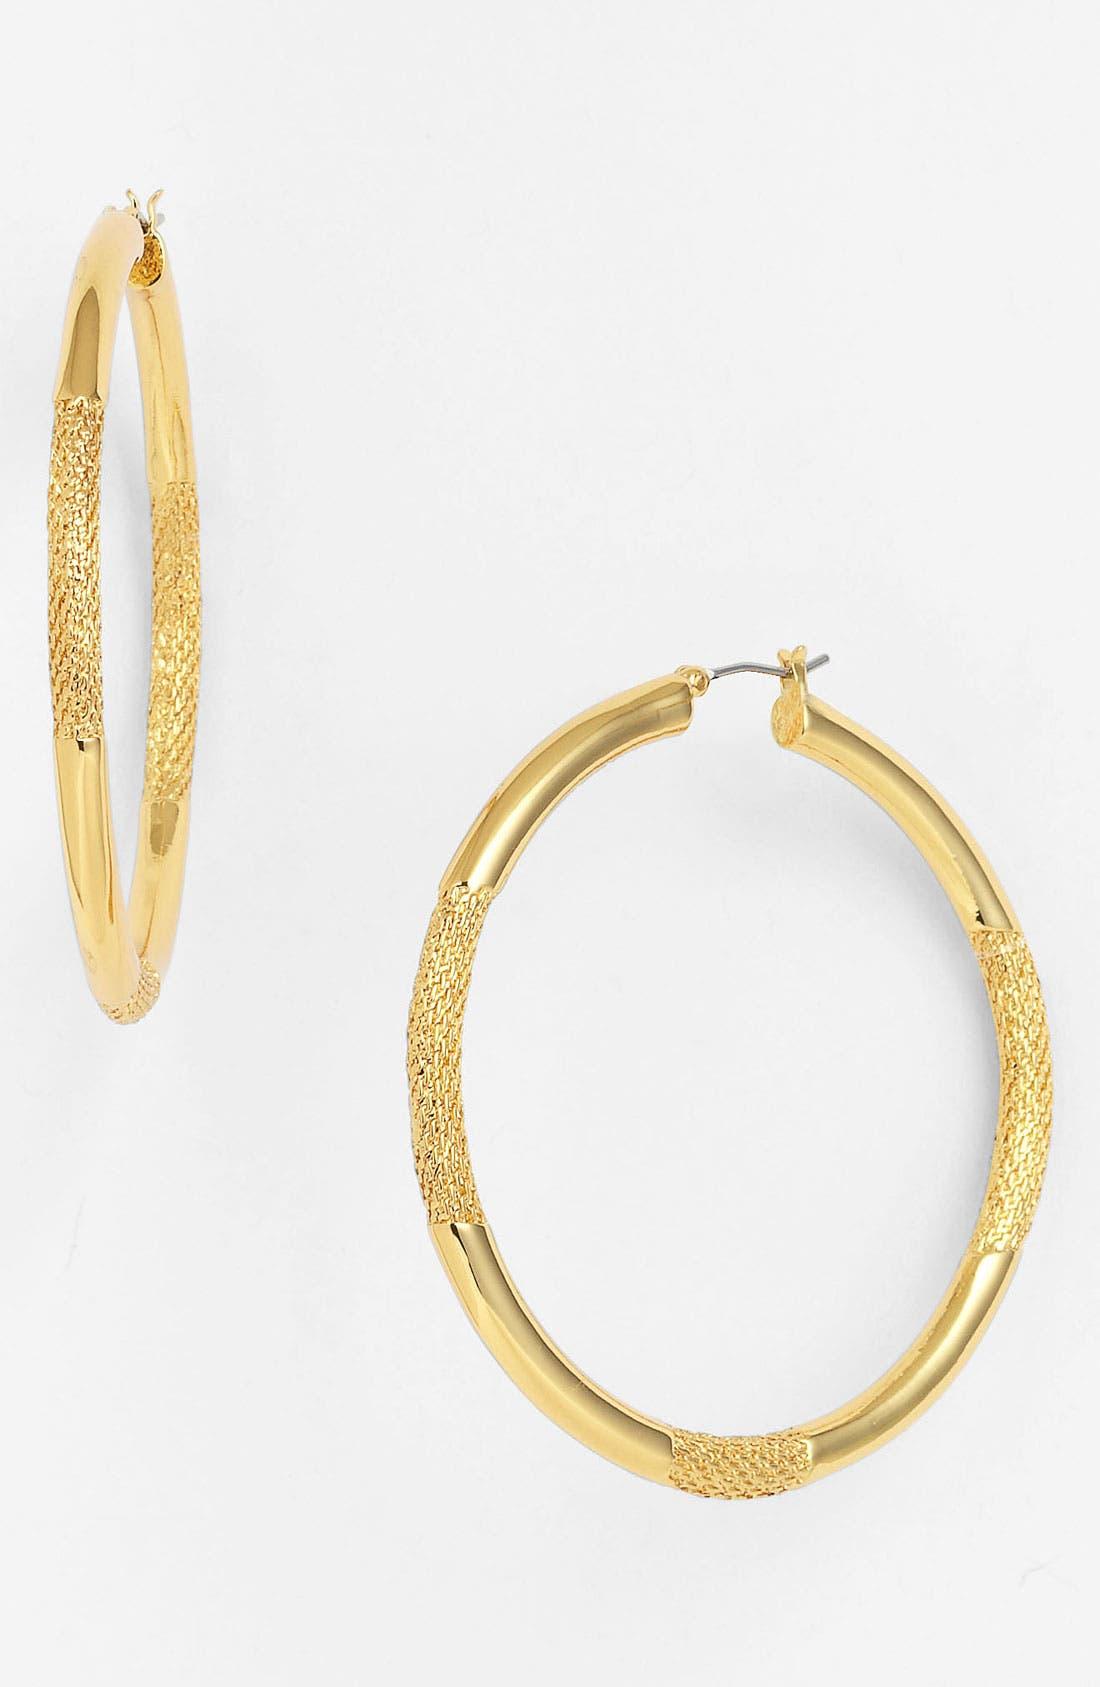 Alternate Image 1 Selected - Vince Camuto 'Clean Slate' Hoop Earrings